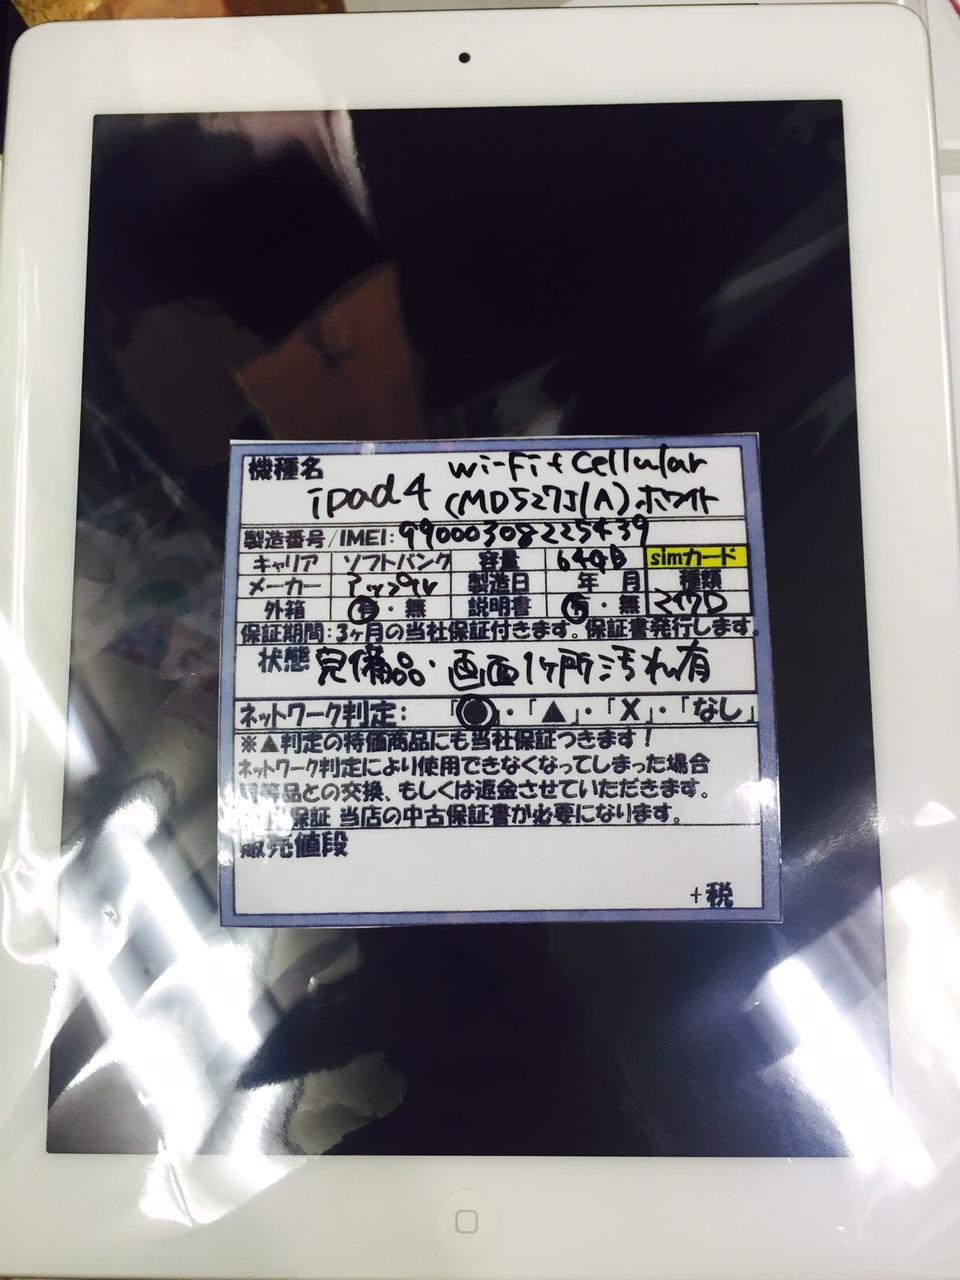 iPad4 Cellilar MD527J 白ロム